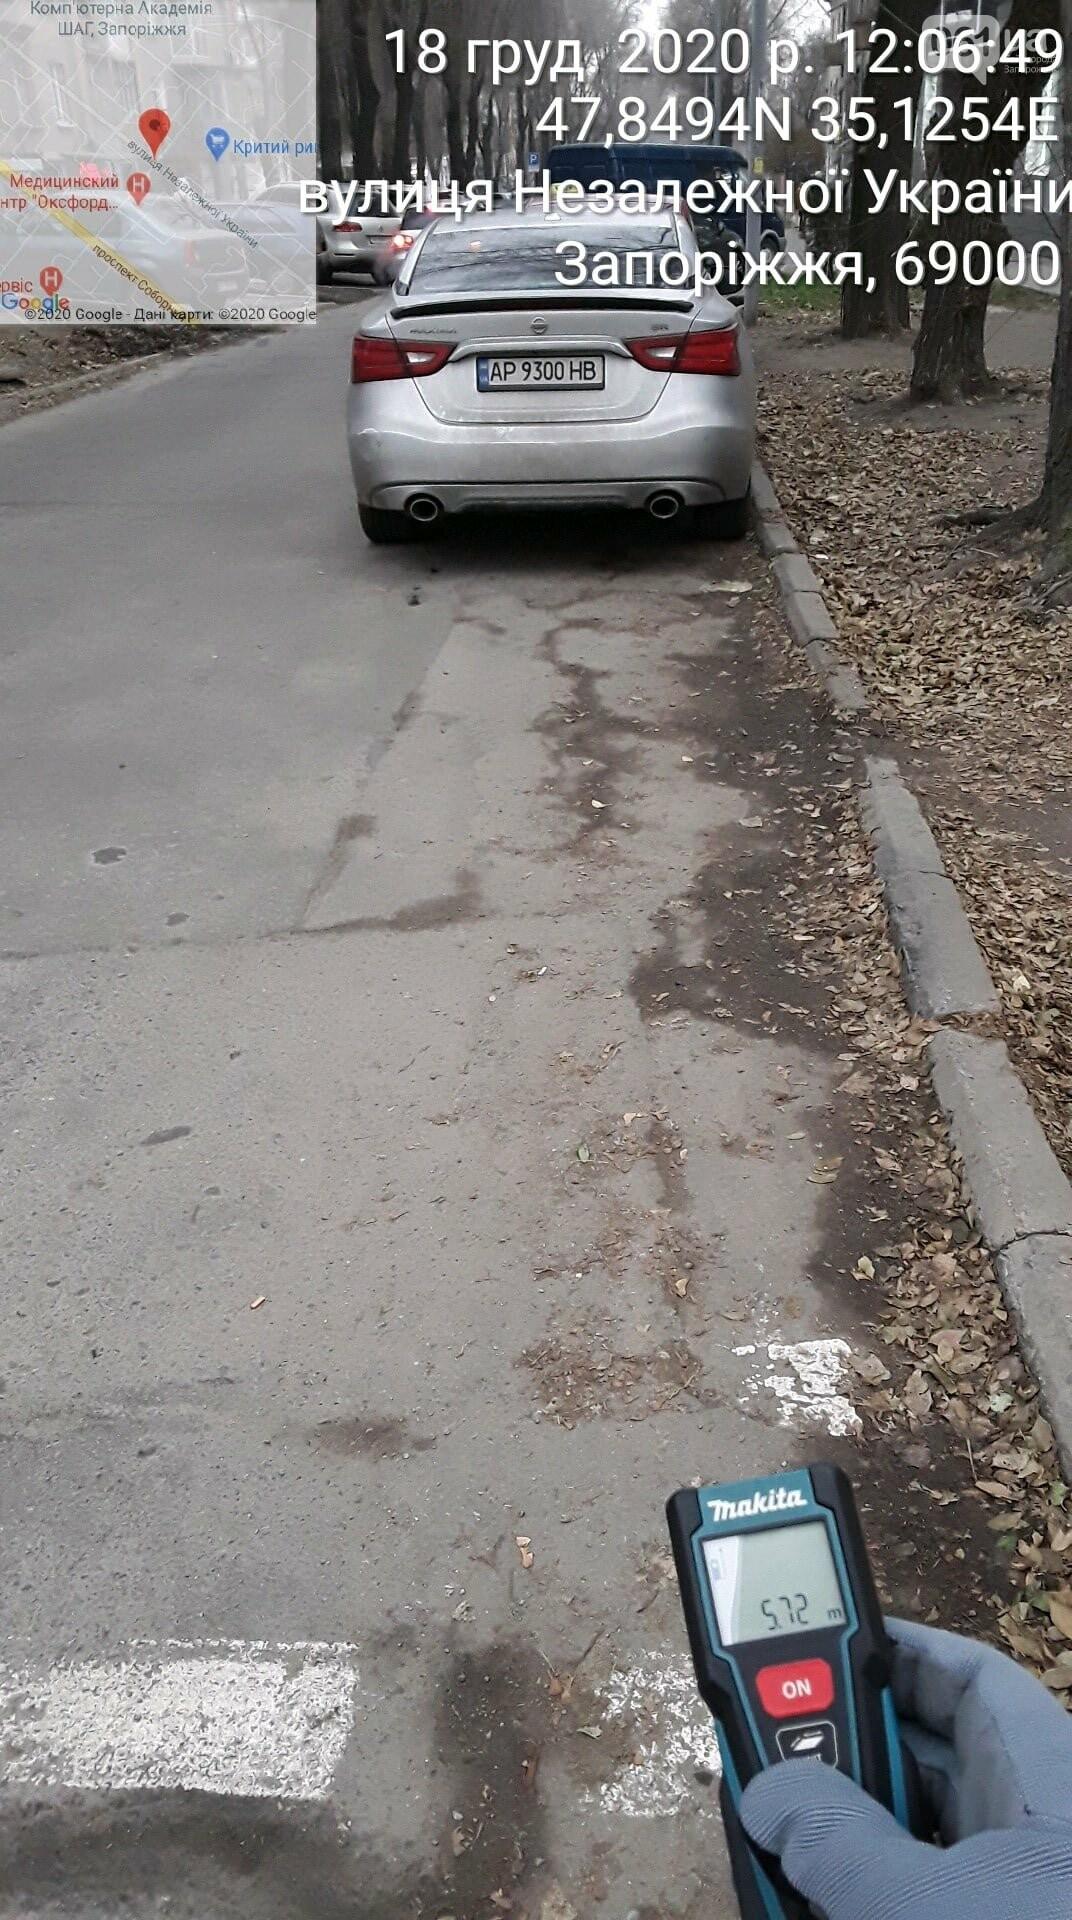 2198307813500686365762014872179843226564172n 6113c98c1c2f2 - В Запорожье сотрудник полиции систематически нарушал правила парковки и не платил штрафы